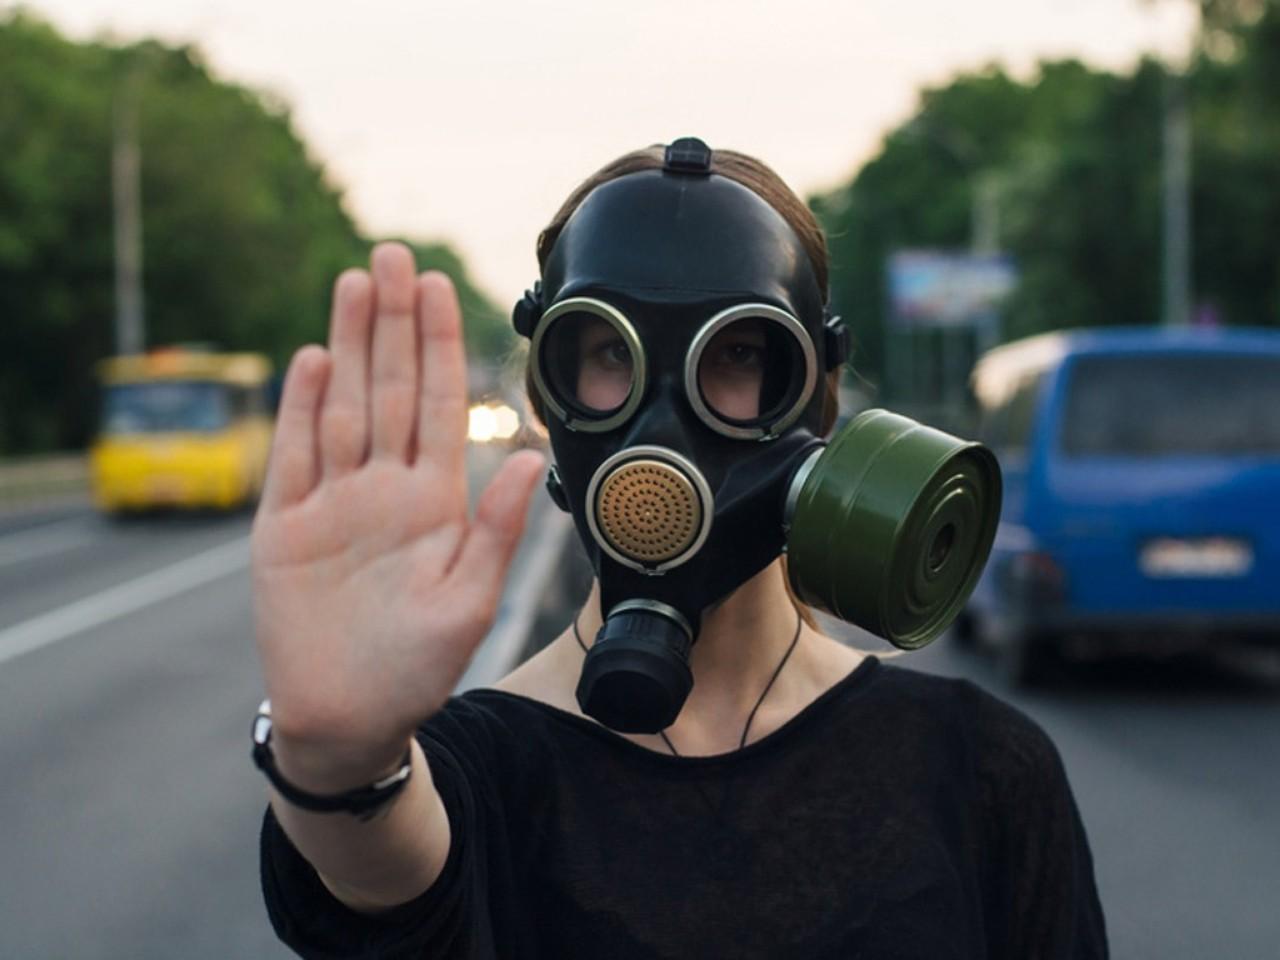 بنعبو: تغير المناخ يؤثر على الصحة الإنسانية وعلى التنوع البيولوجي